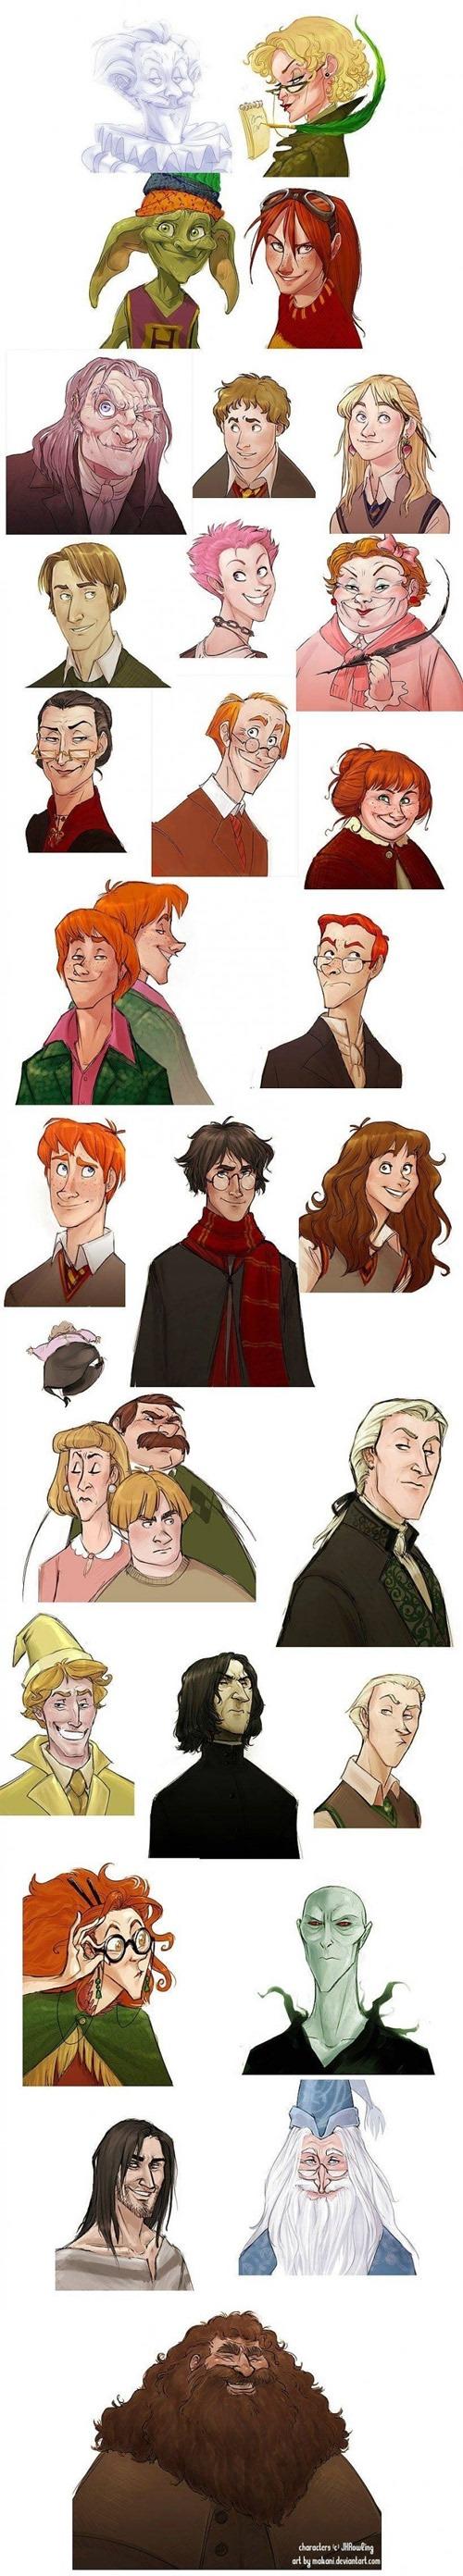 E se Harry Potter fosse um desenho da Disney?